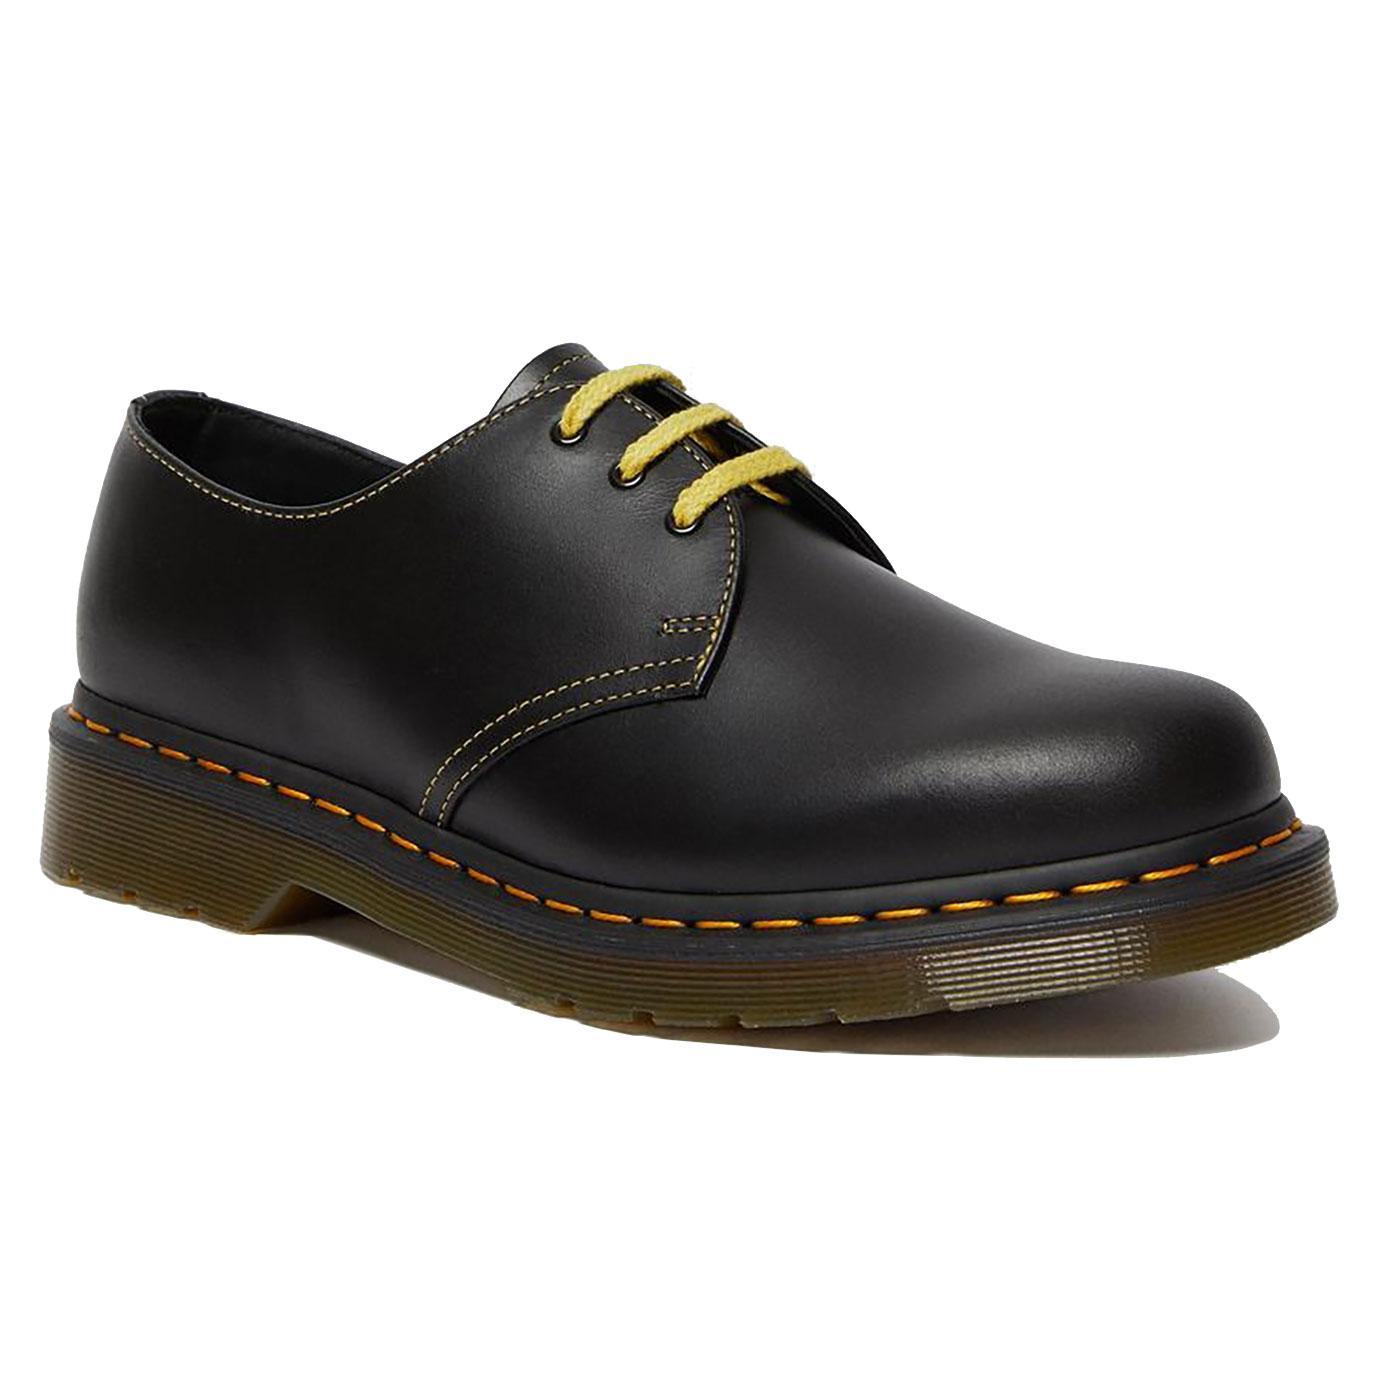 1461 DR MARTENS Mens Atlas Leather Oxford Shoes DG